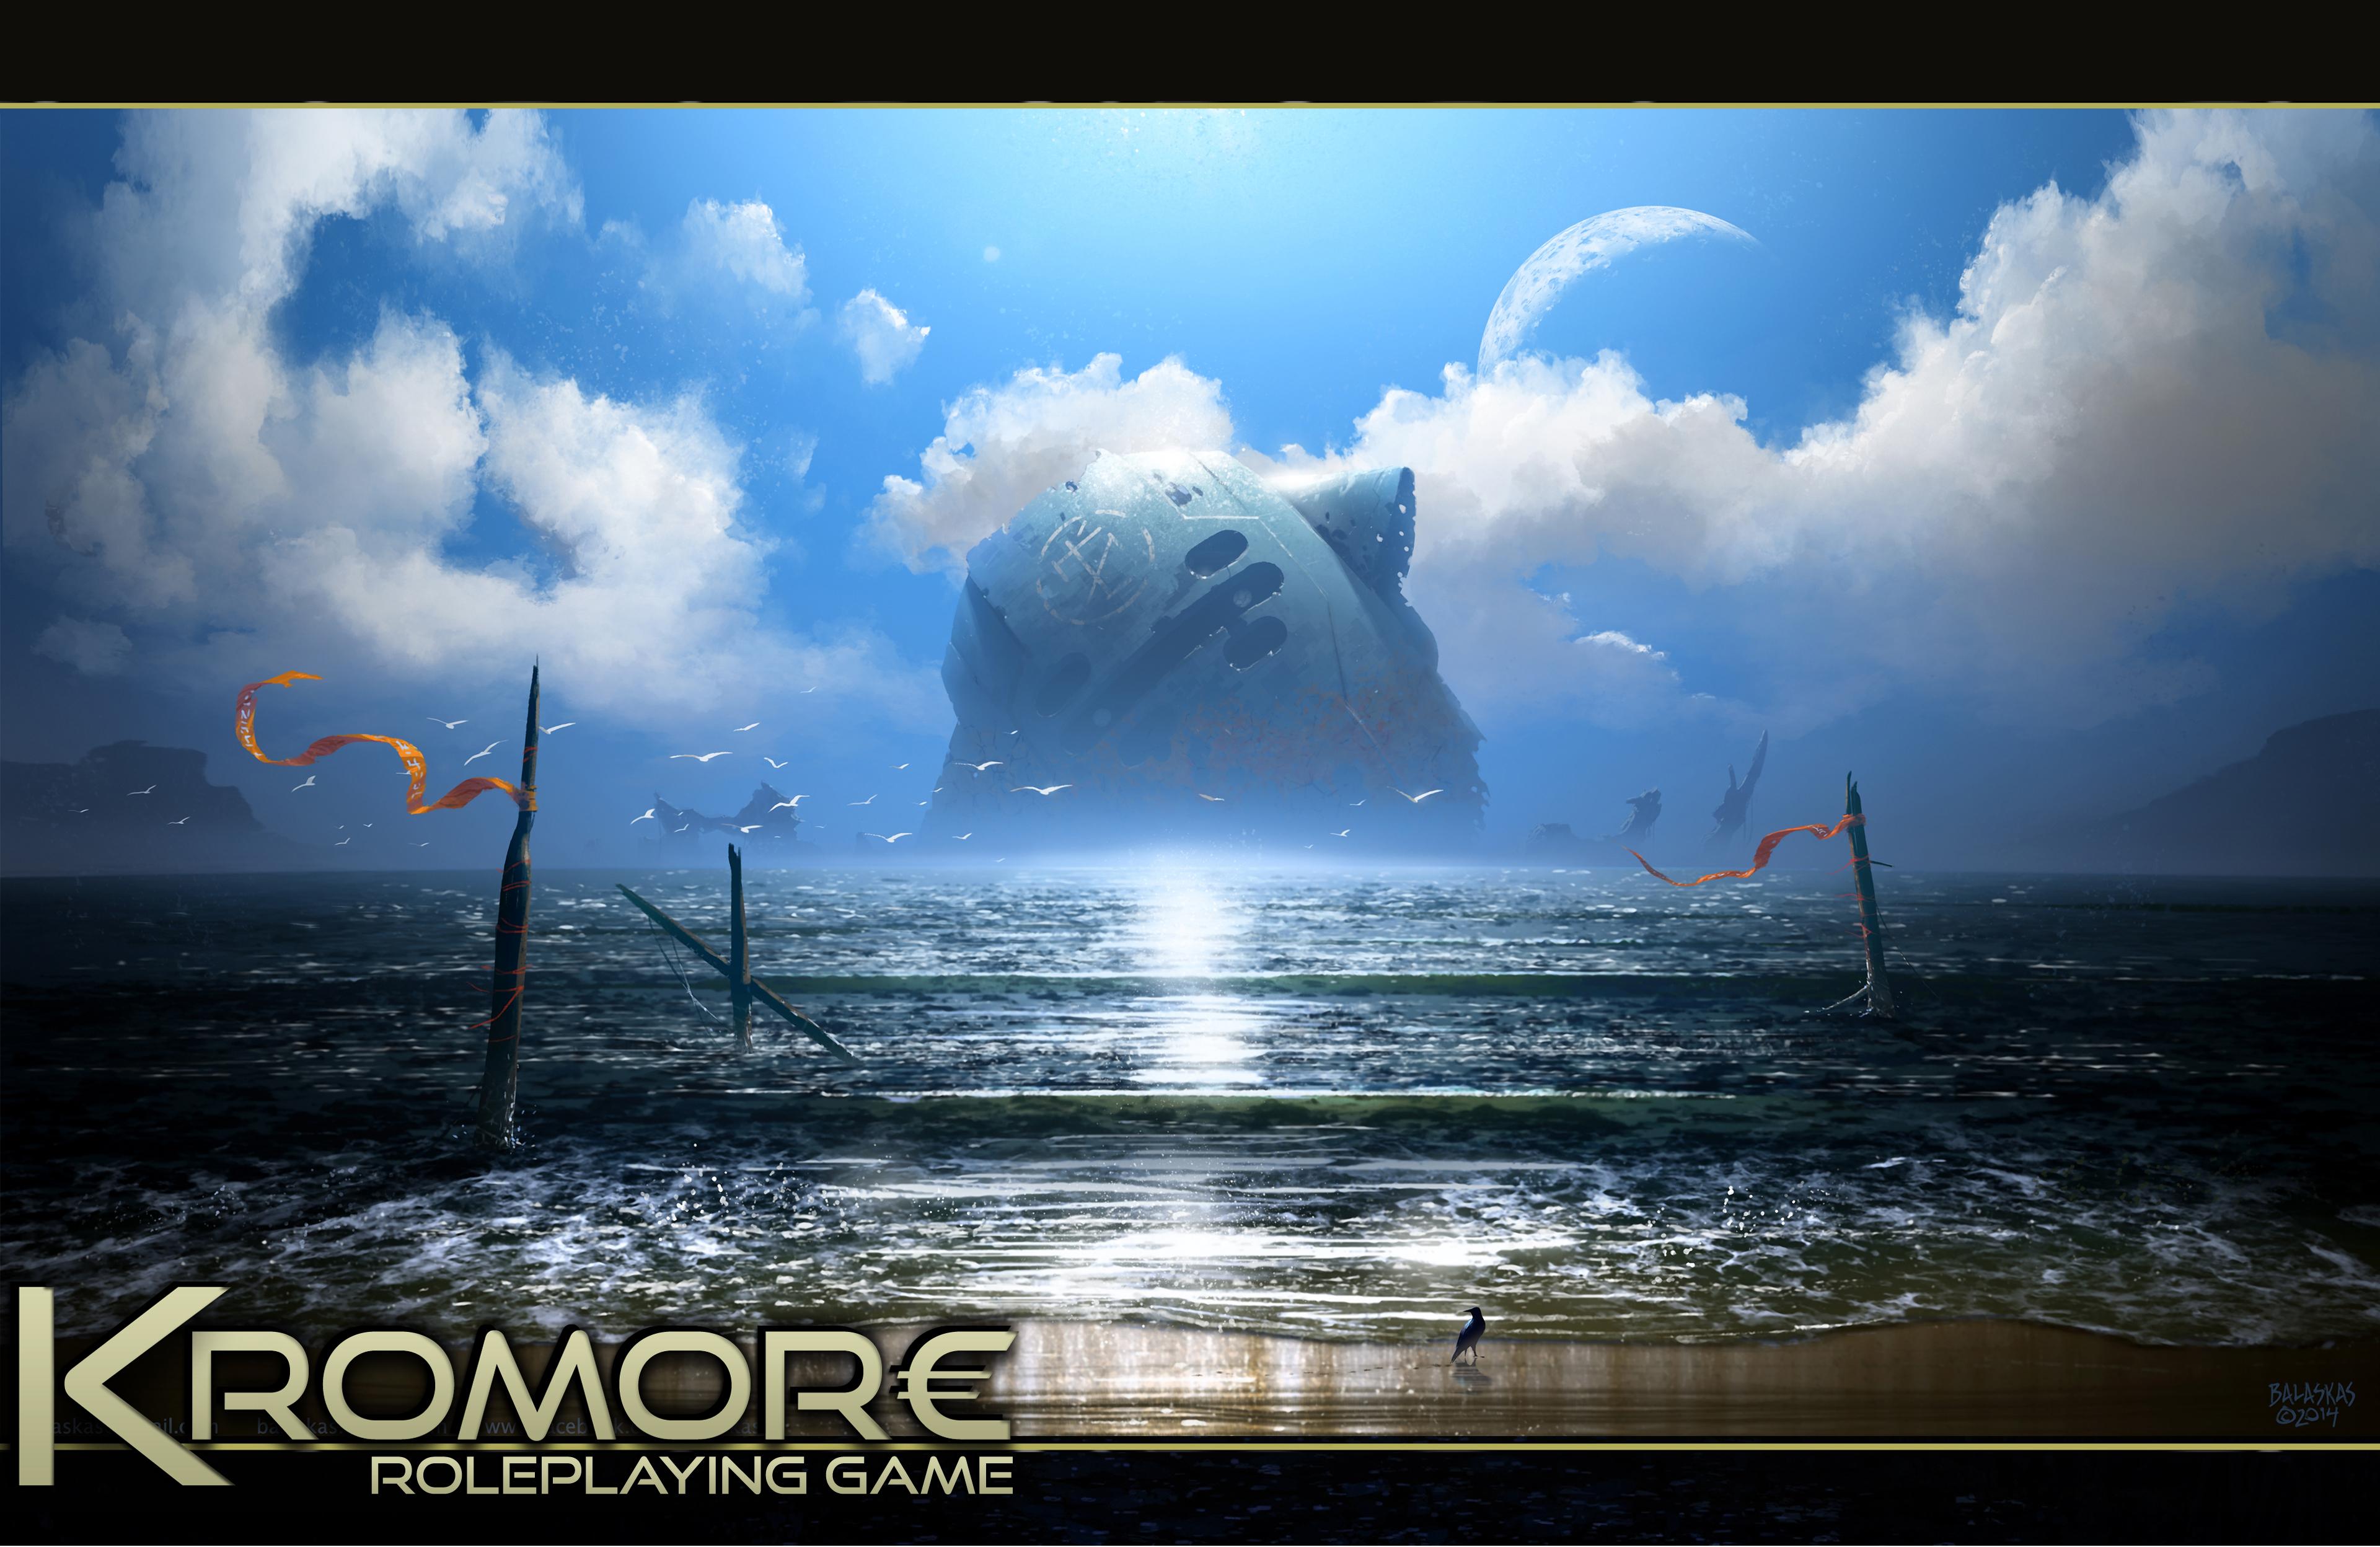 Once A God Kromore promo